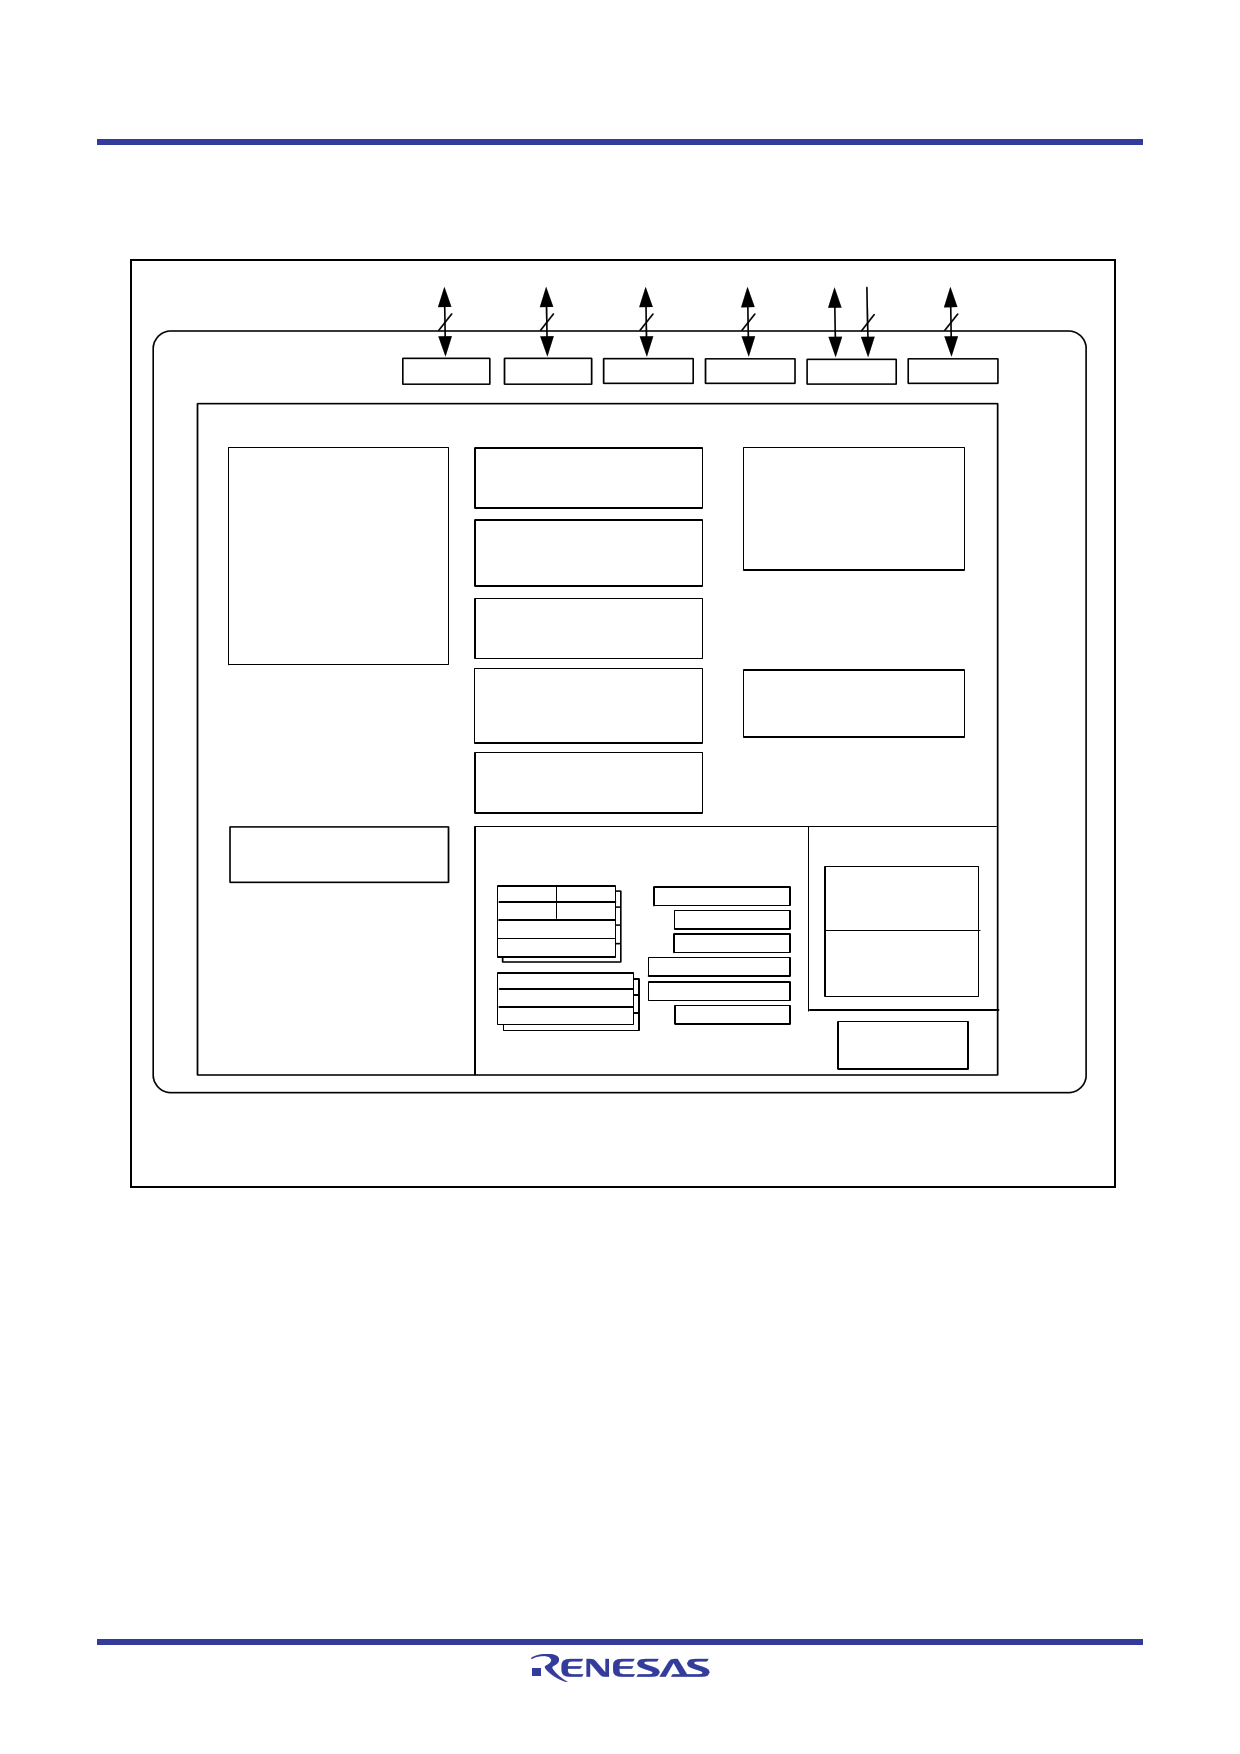 R5F2122AKFP pdf, 반도체, 판매, 대치품